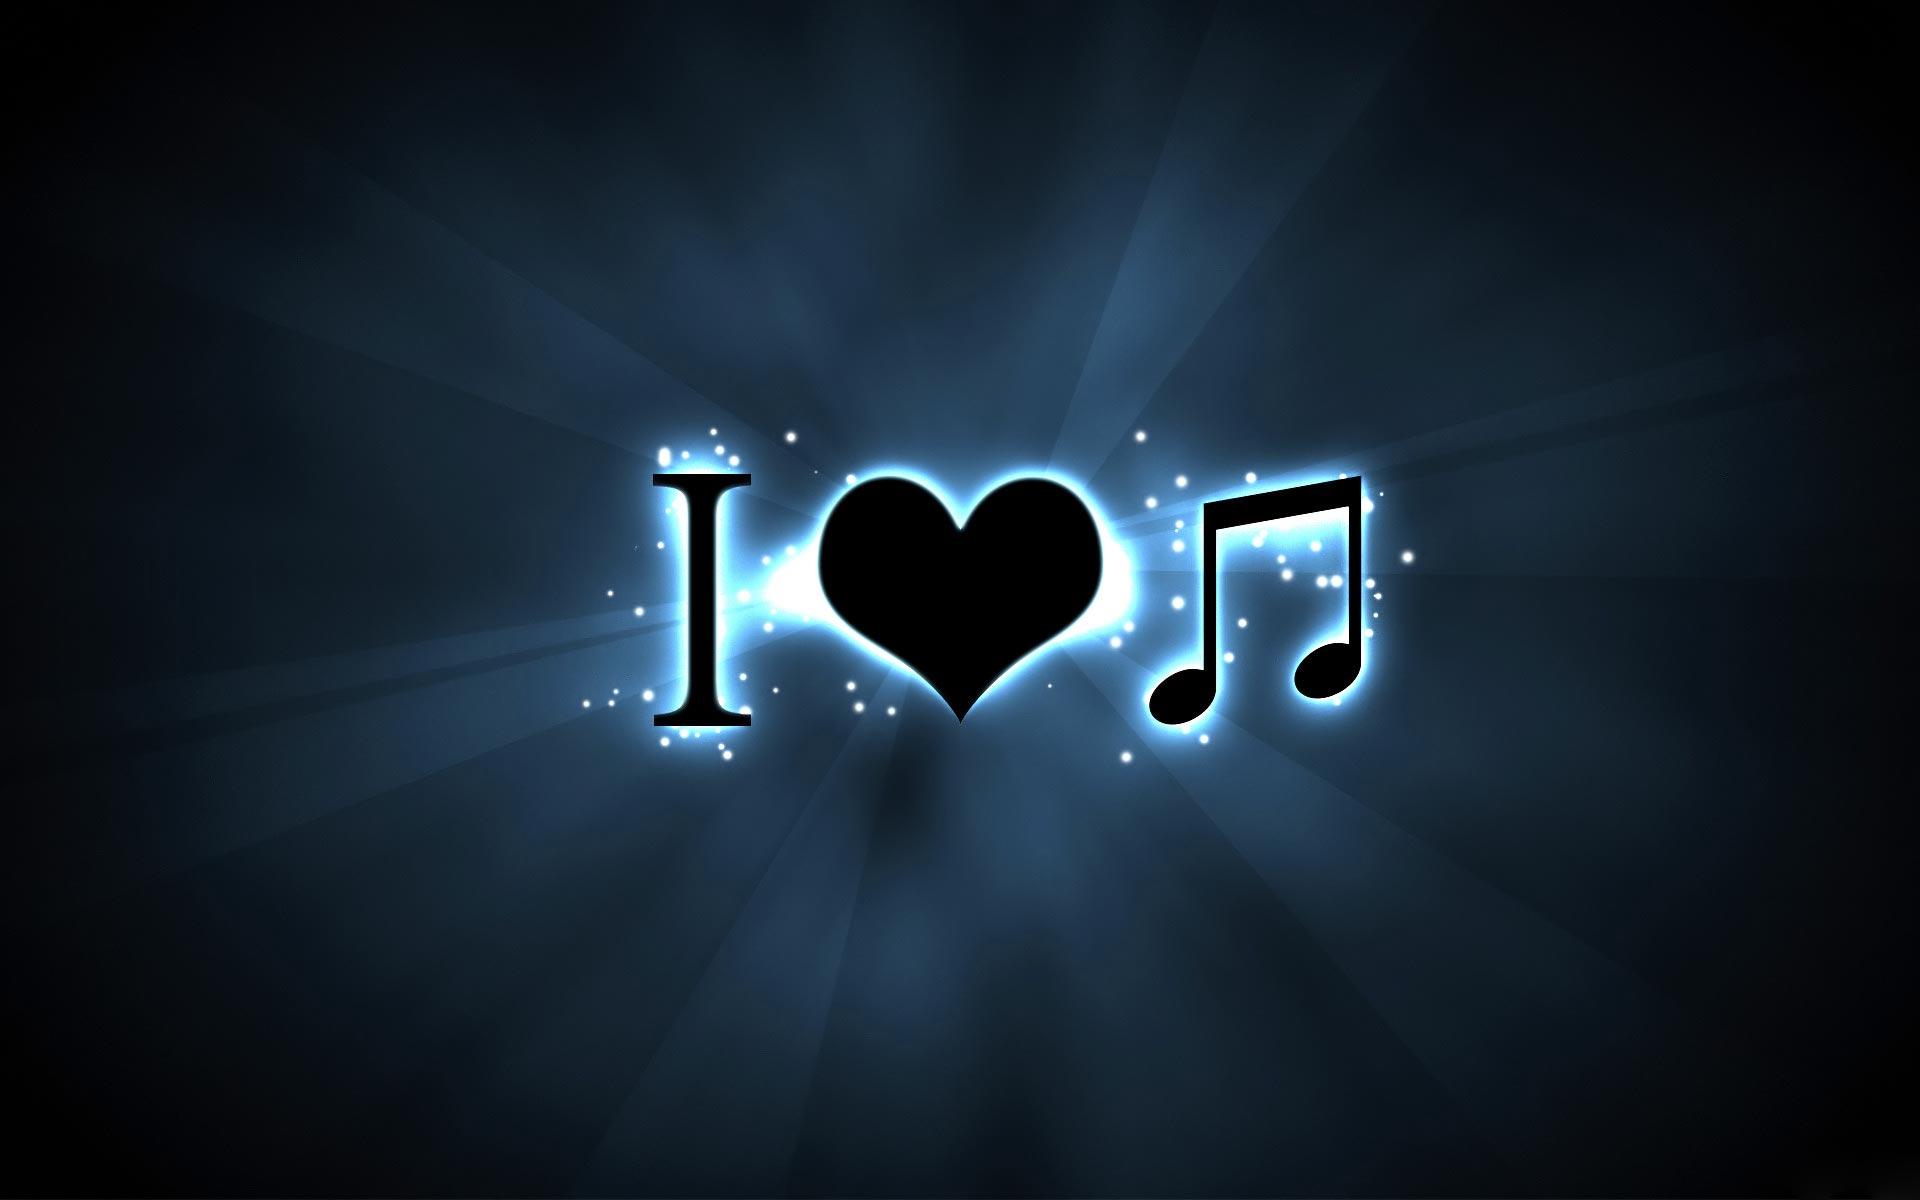 Cool Music Desktop Wallpaper - WallpaperSafari